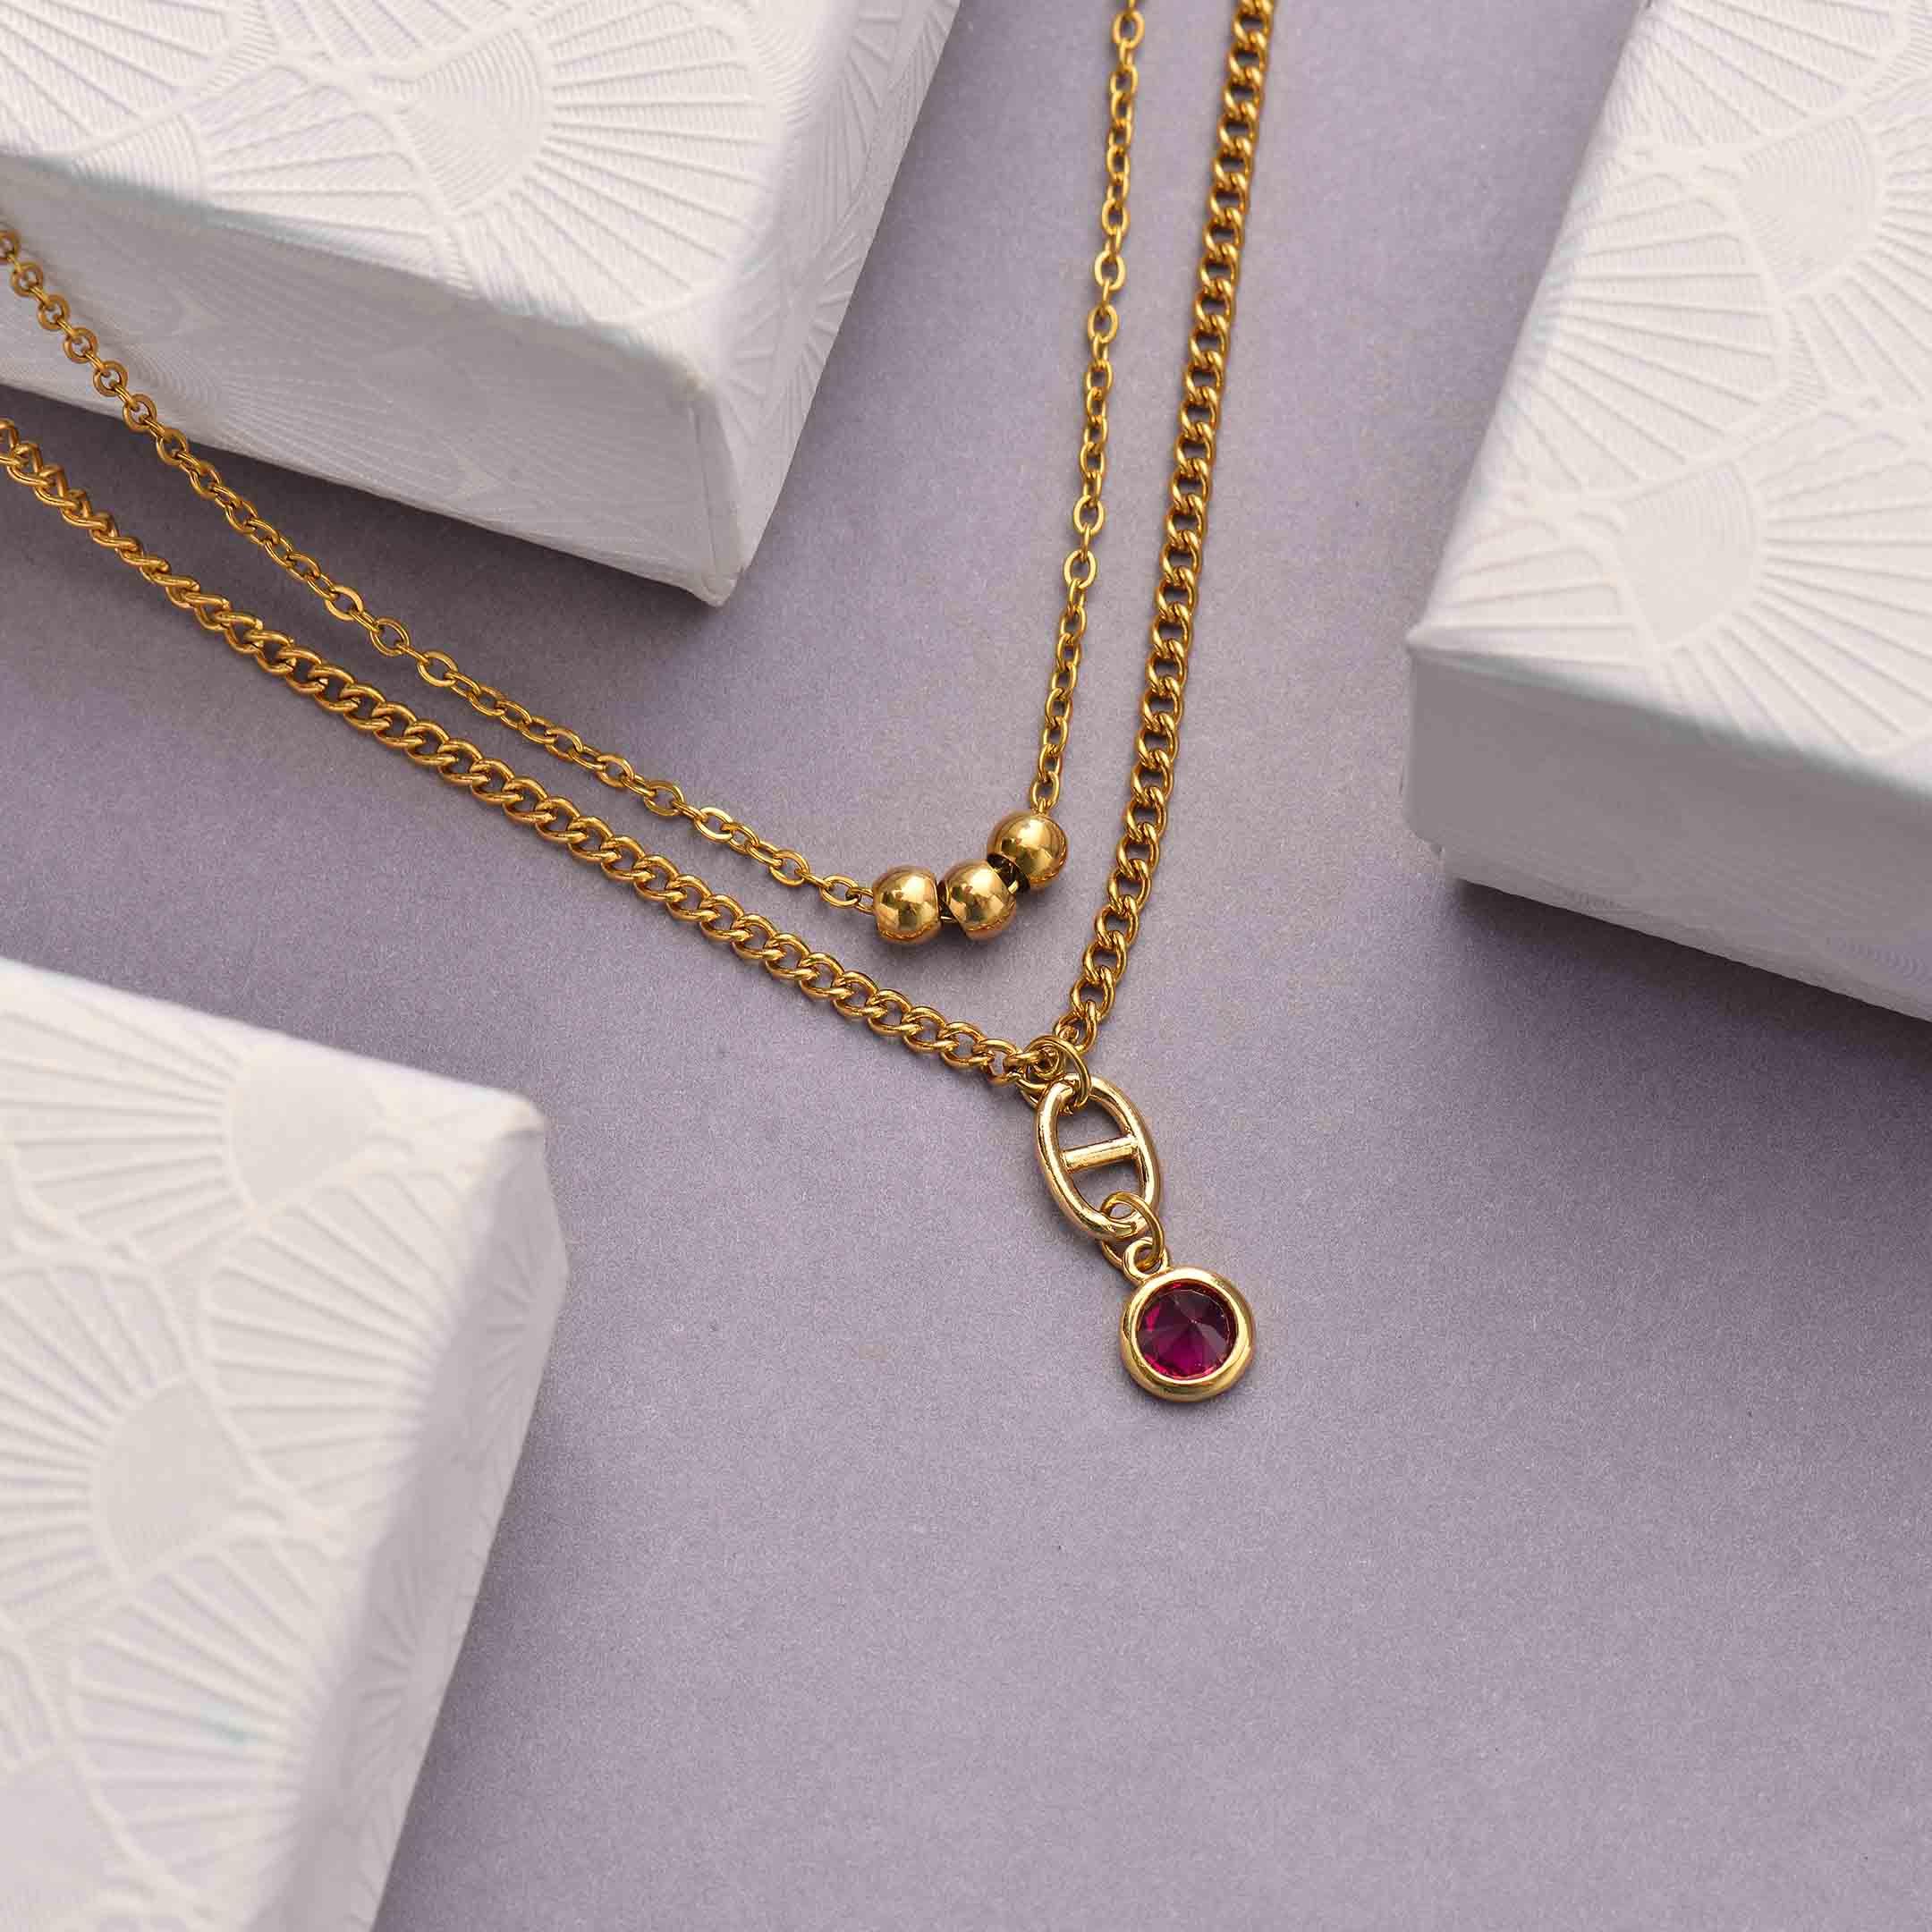 Collares de Acero Inoxidable para Mujer al por Mayor -SSNEG142-33809